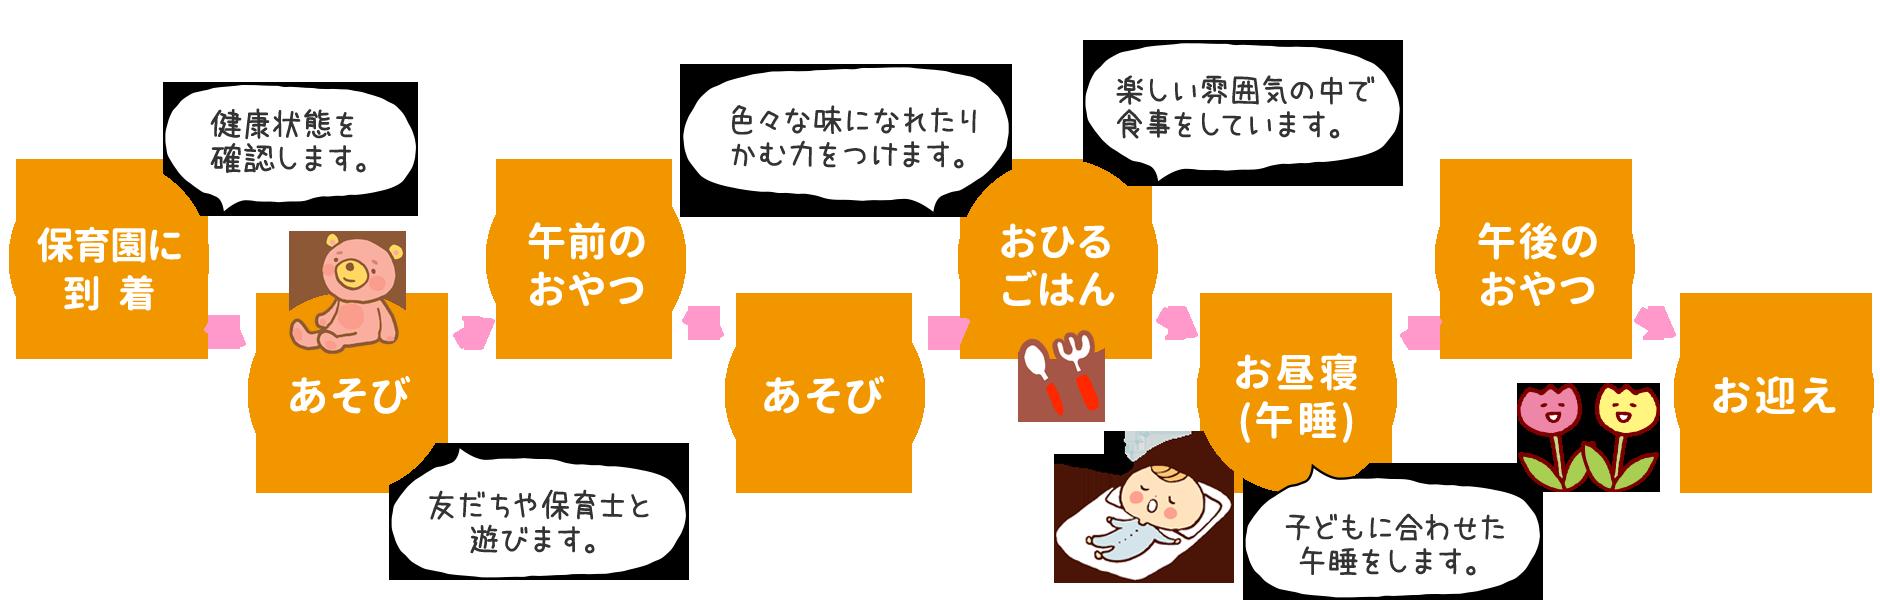 保育園に到着→あそび→午前のおやつ→あそび→おひるごはん→お昼寝→午後のおやつ→お迎え